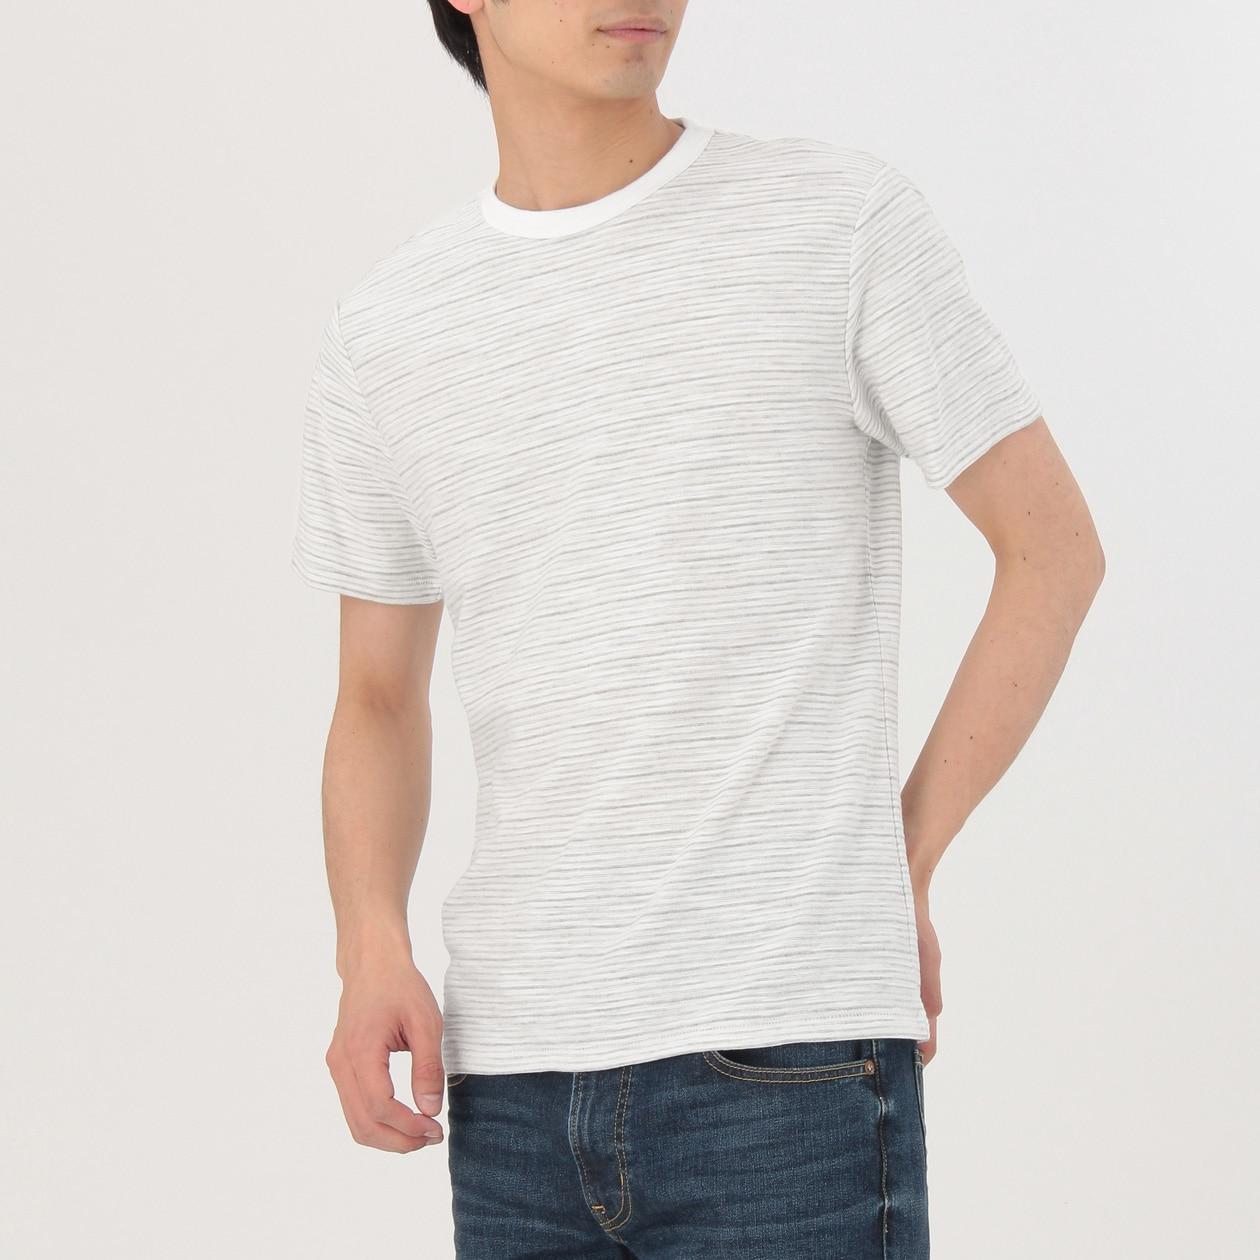 オーガニックコットンムラ糸ボーダー半袖Tシャツ